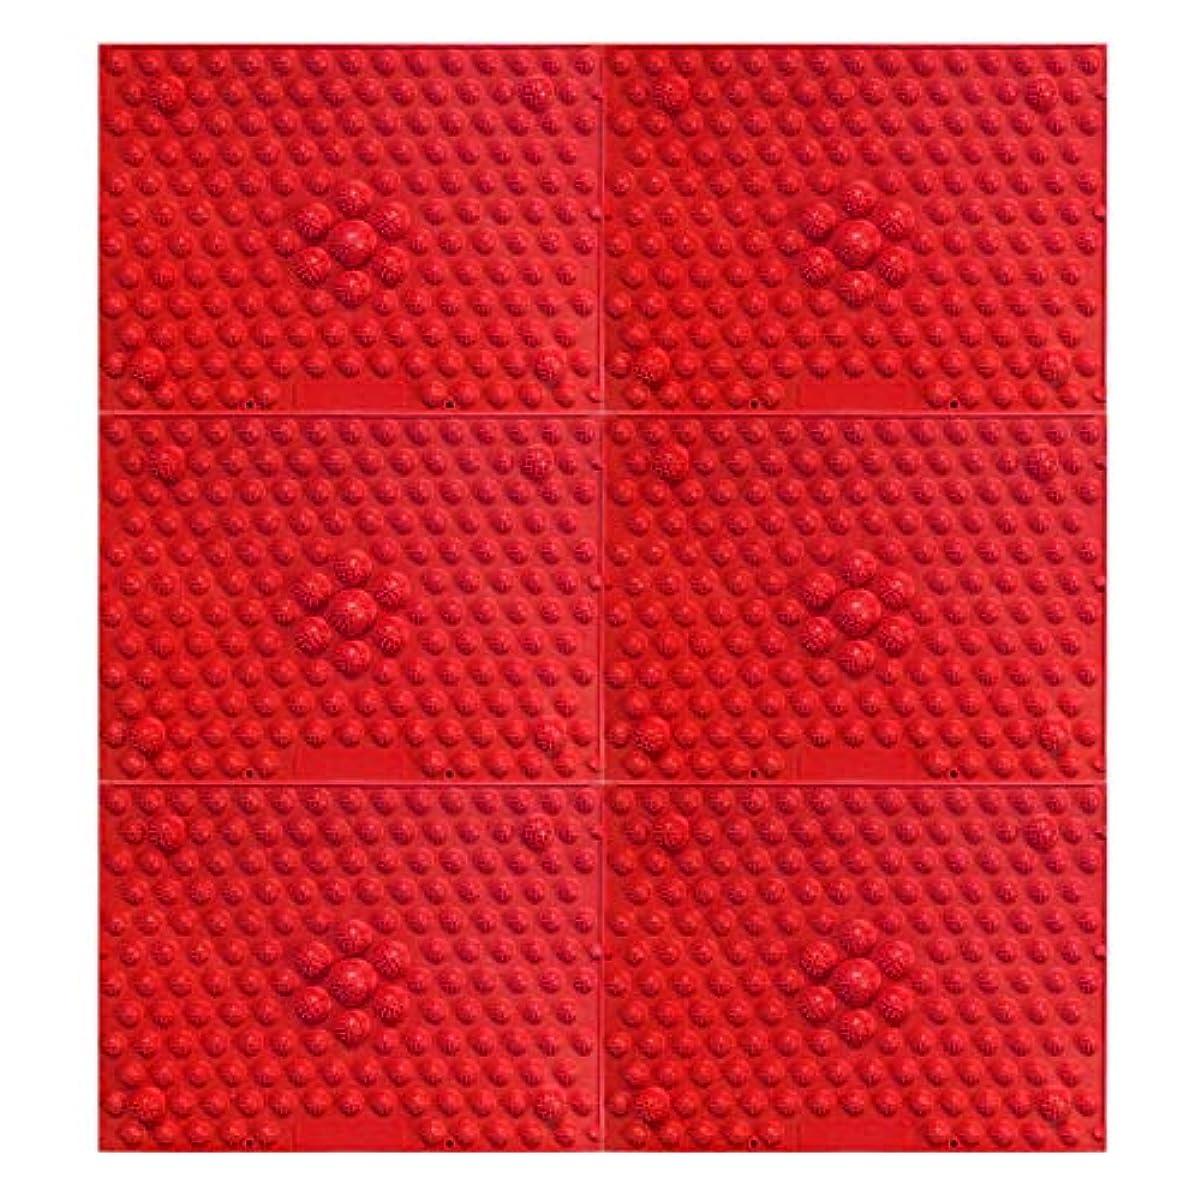 壮大なスペイン語長々と疲れsirazu(足踏みマット)ピンク6枚セット (赤)